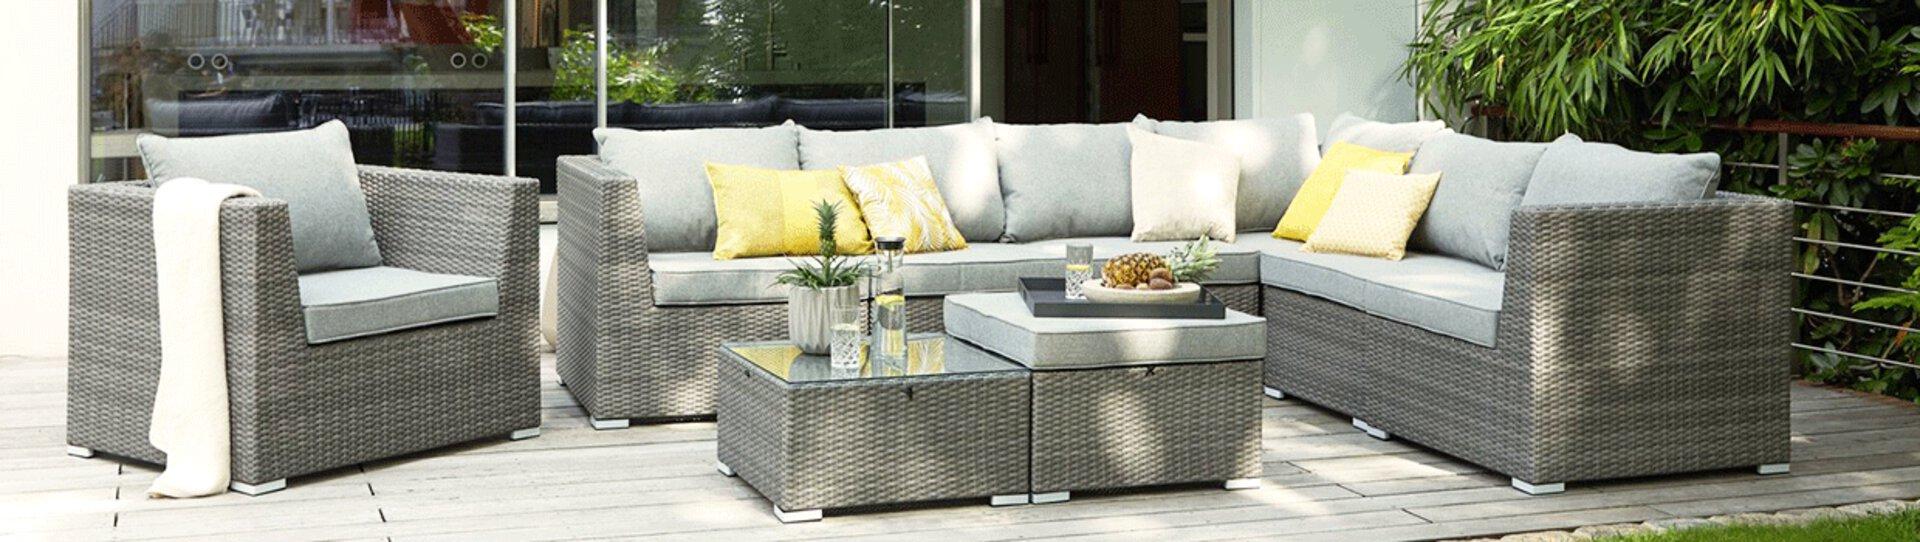 Stabile Gartenmöbel aus Rattan passen auf fast alle Terrassen und Balkone. Die zeitlosen Outdoormöbel erhalten Sie bei Möbel Inhofer